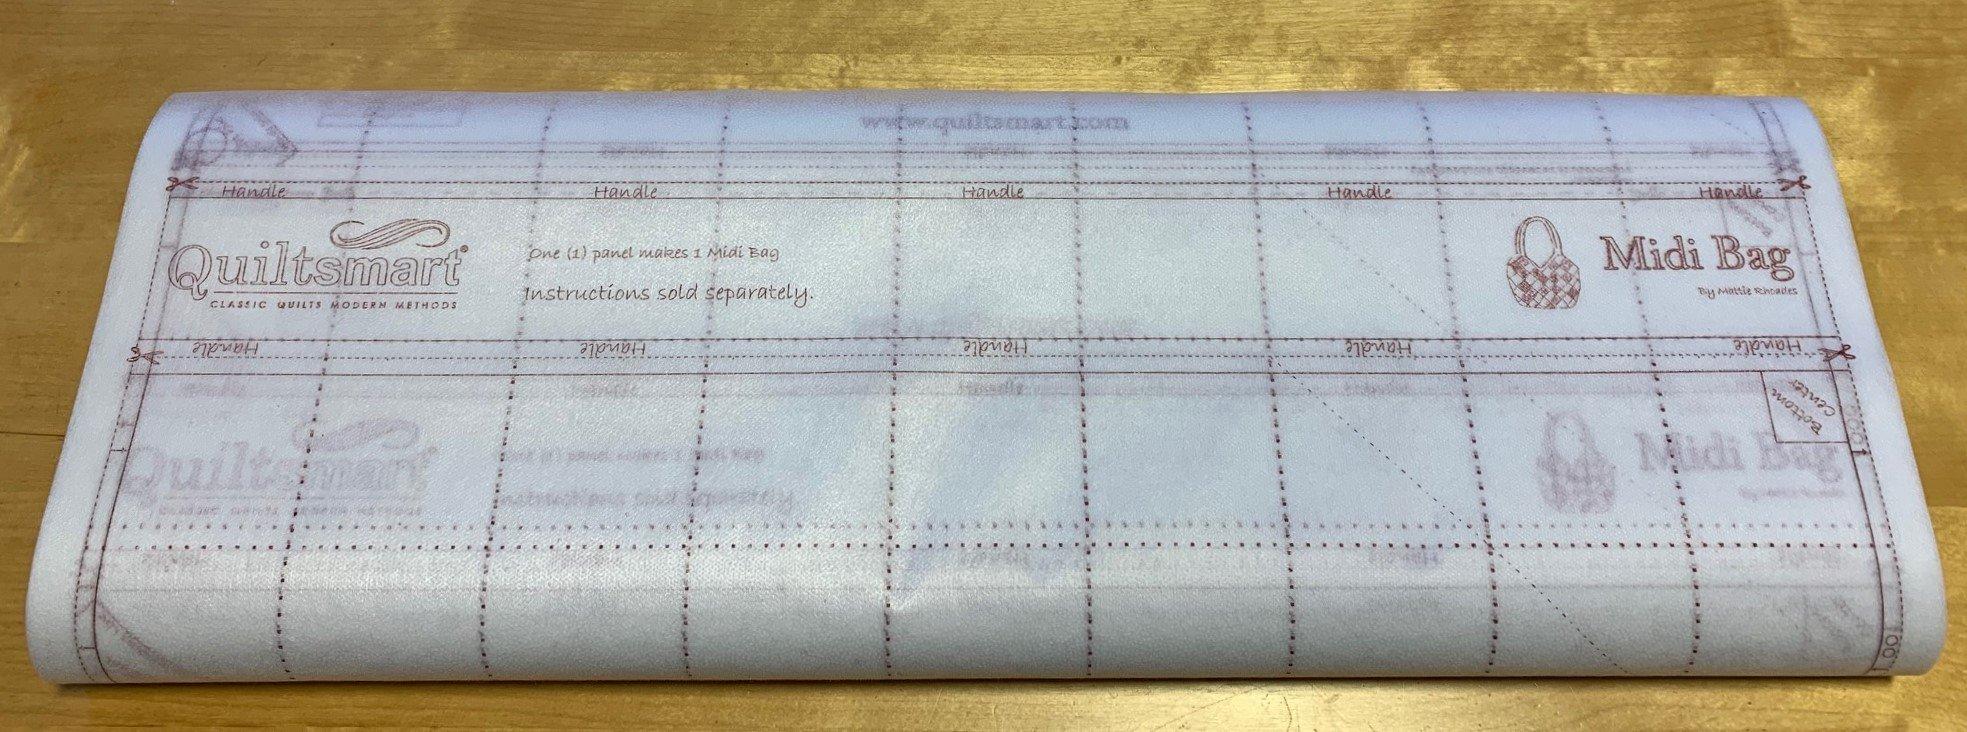 Midi Bag Interfacing 25-panel Bolt